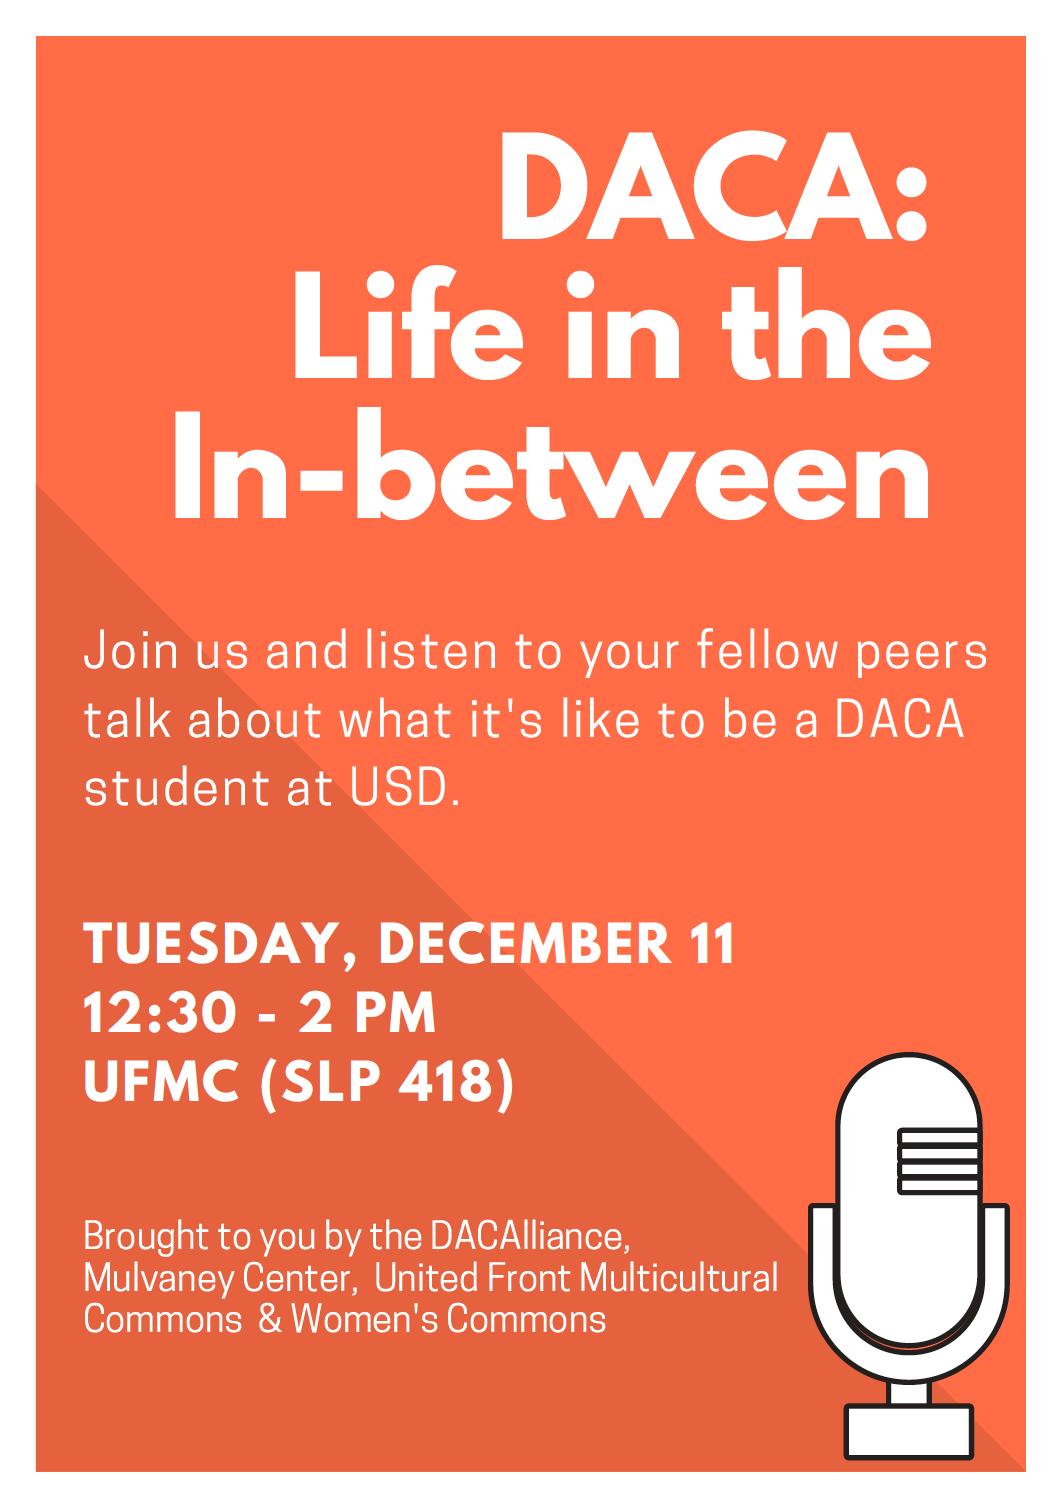 DACA: Life in the In-between